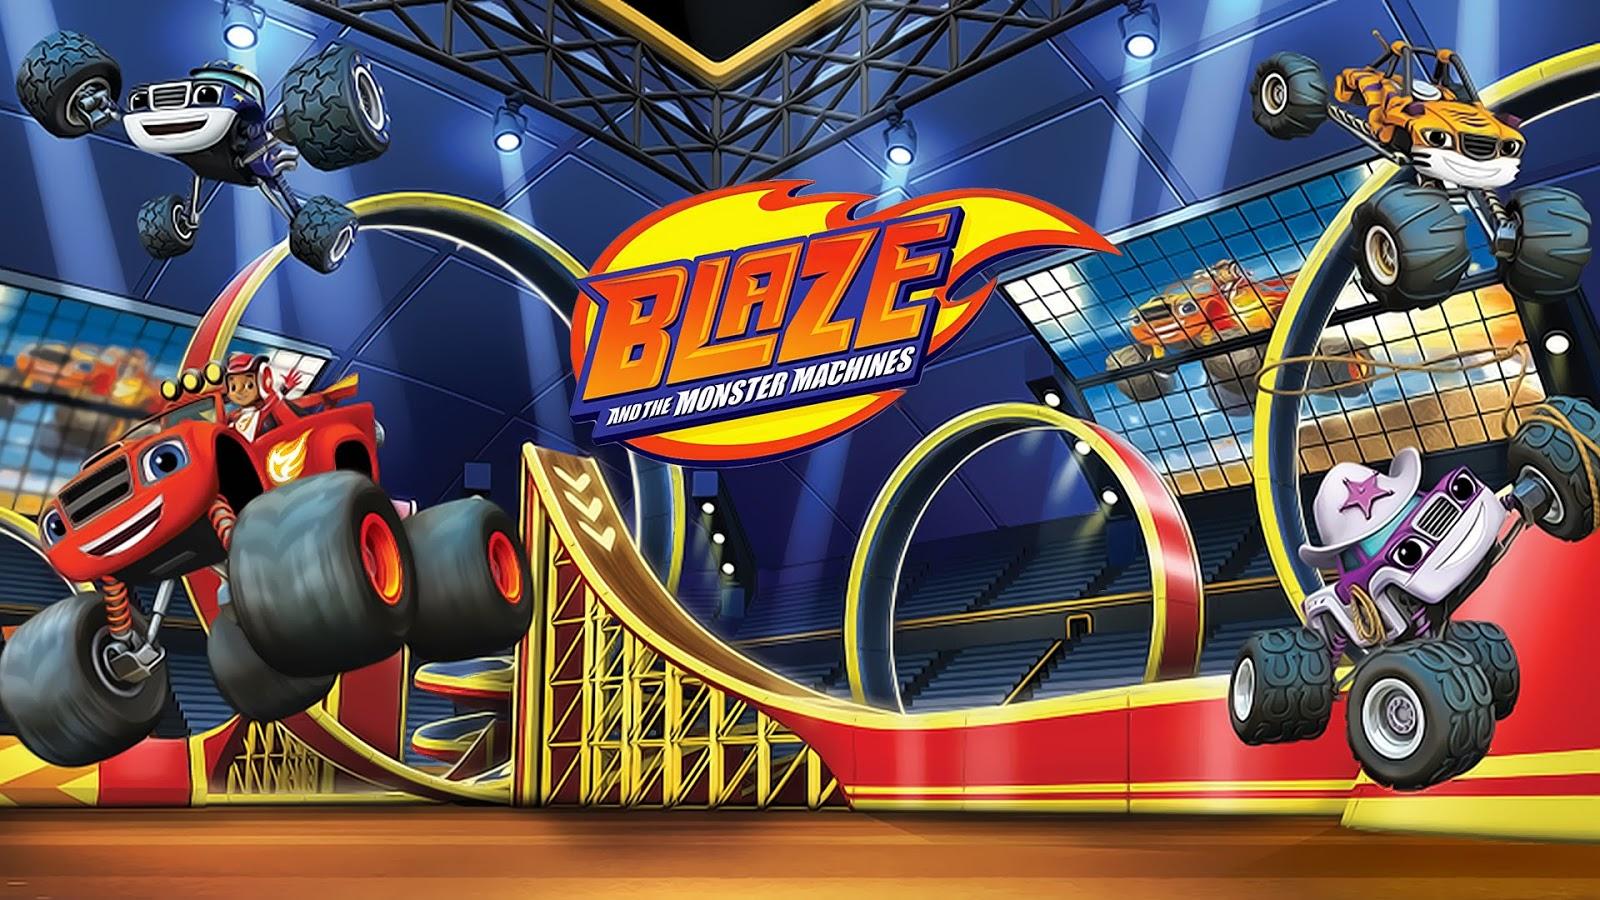 74968826a5 Blaze and the Monster Machines. seus jogos favoritos estão aqui!